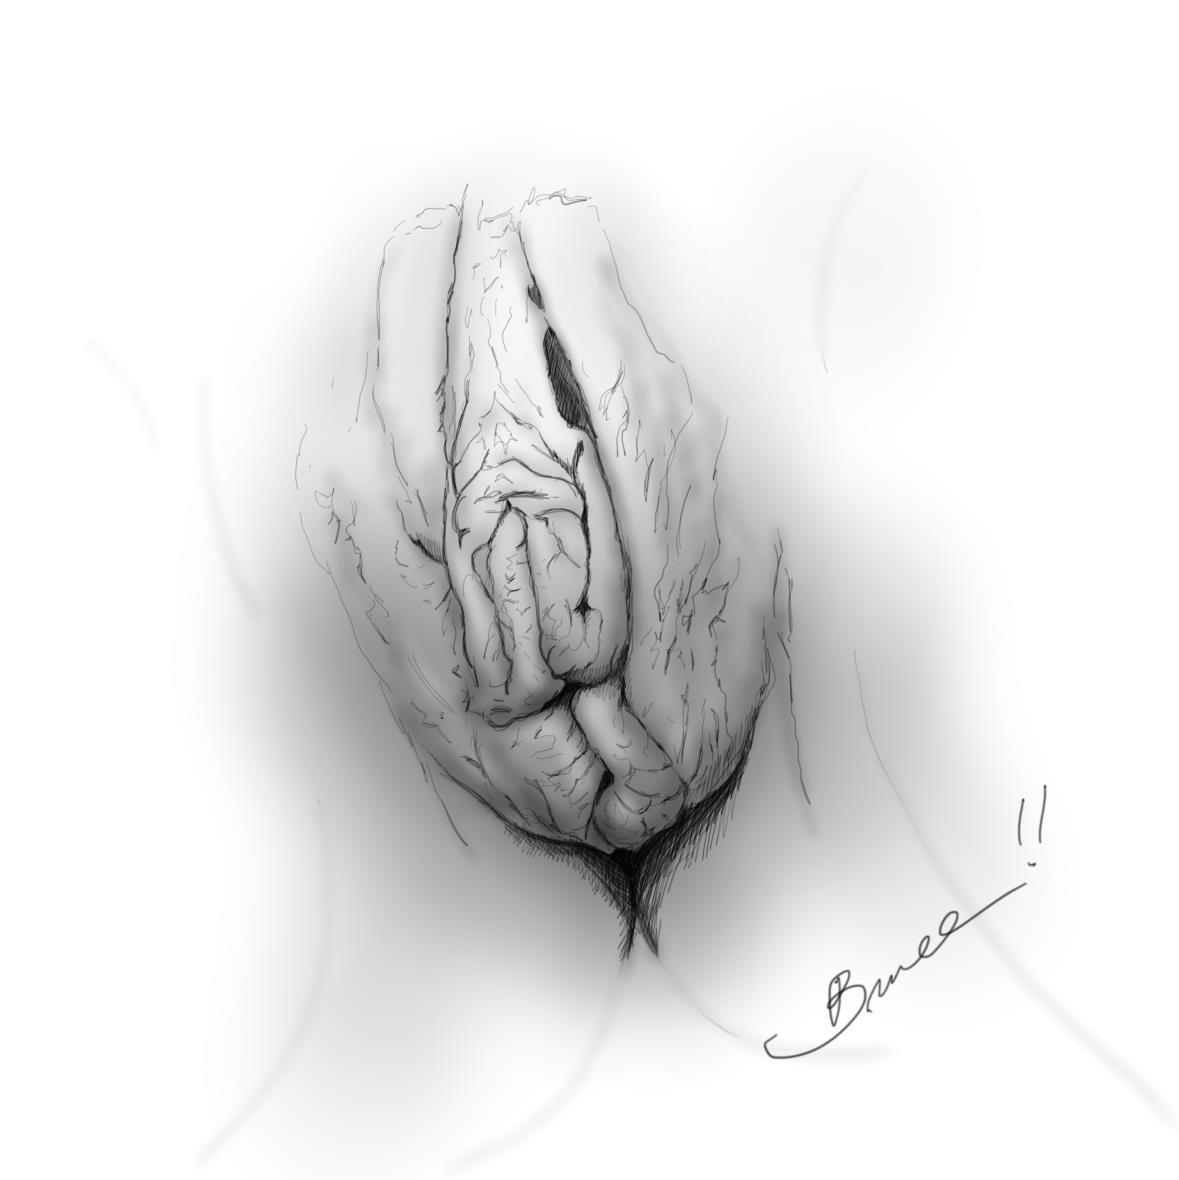 влагалище подробный рисунок - 14